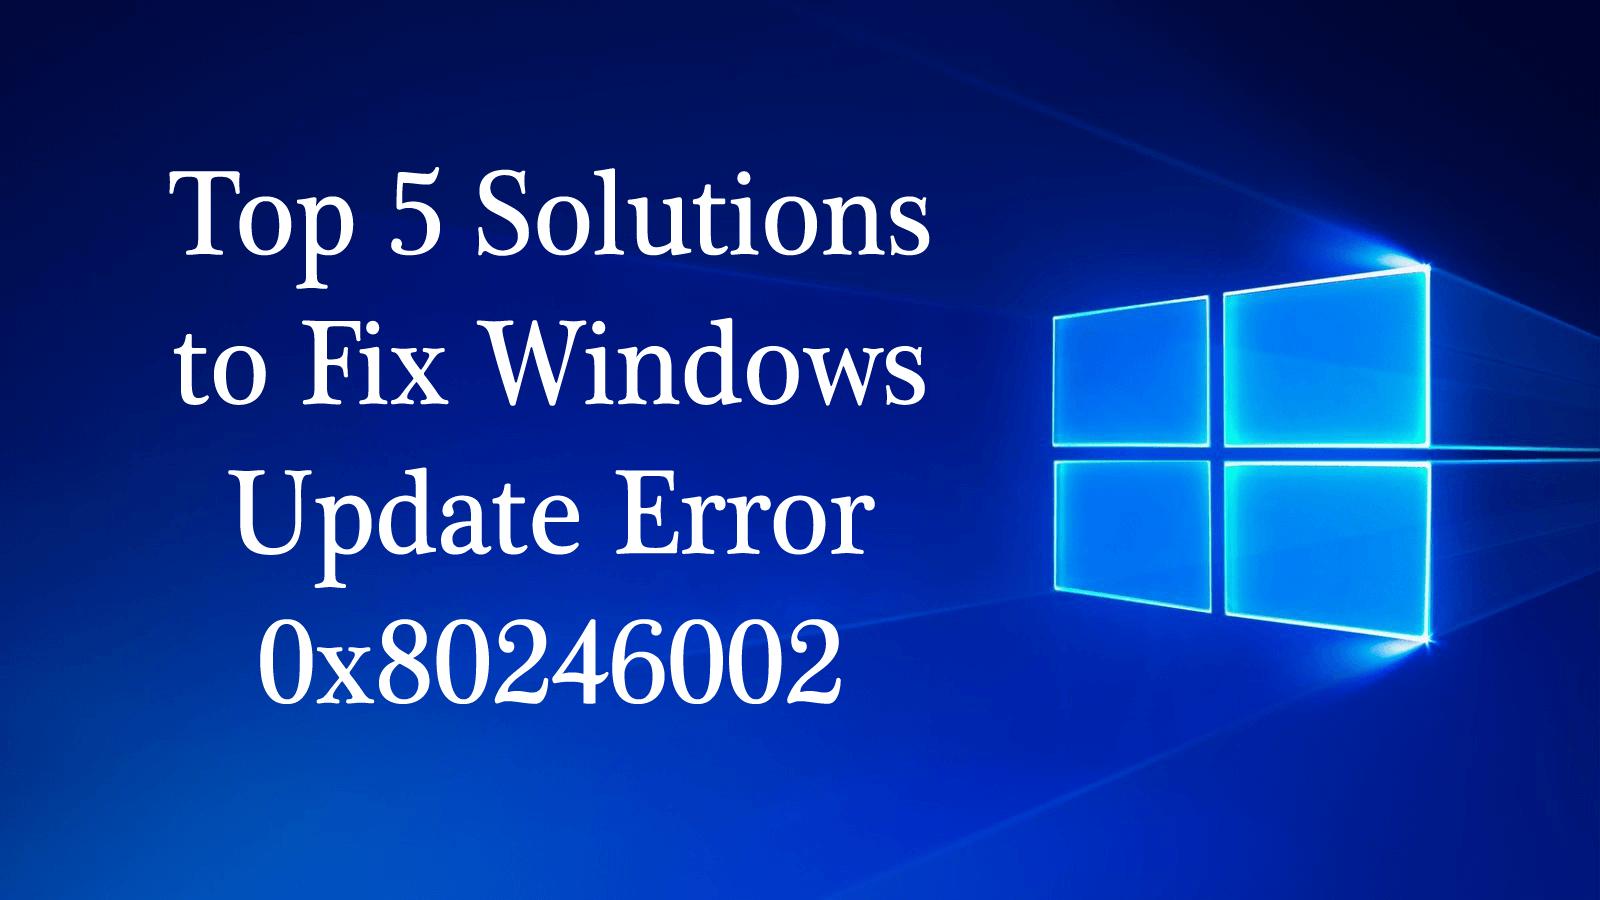 Windows 10 update error 0x80246002